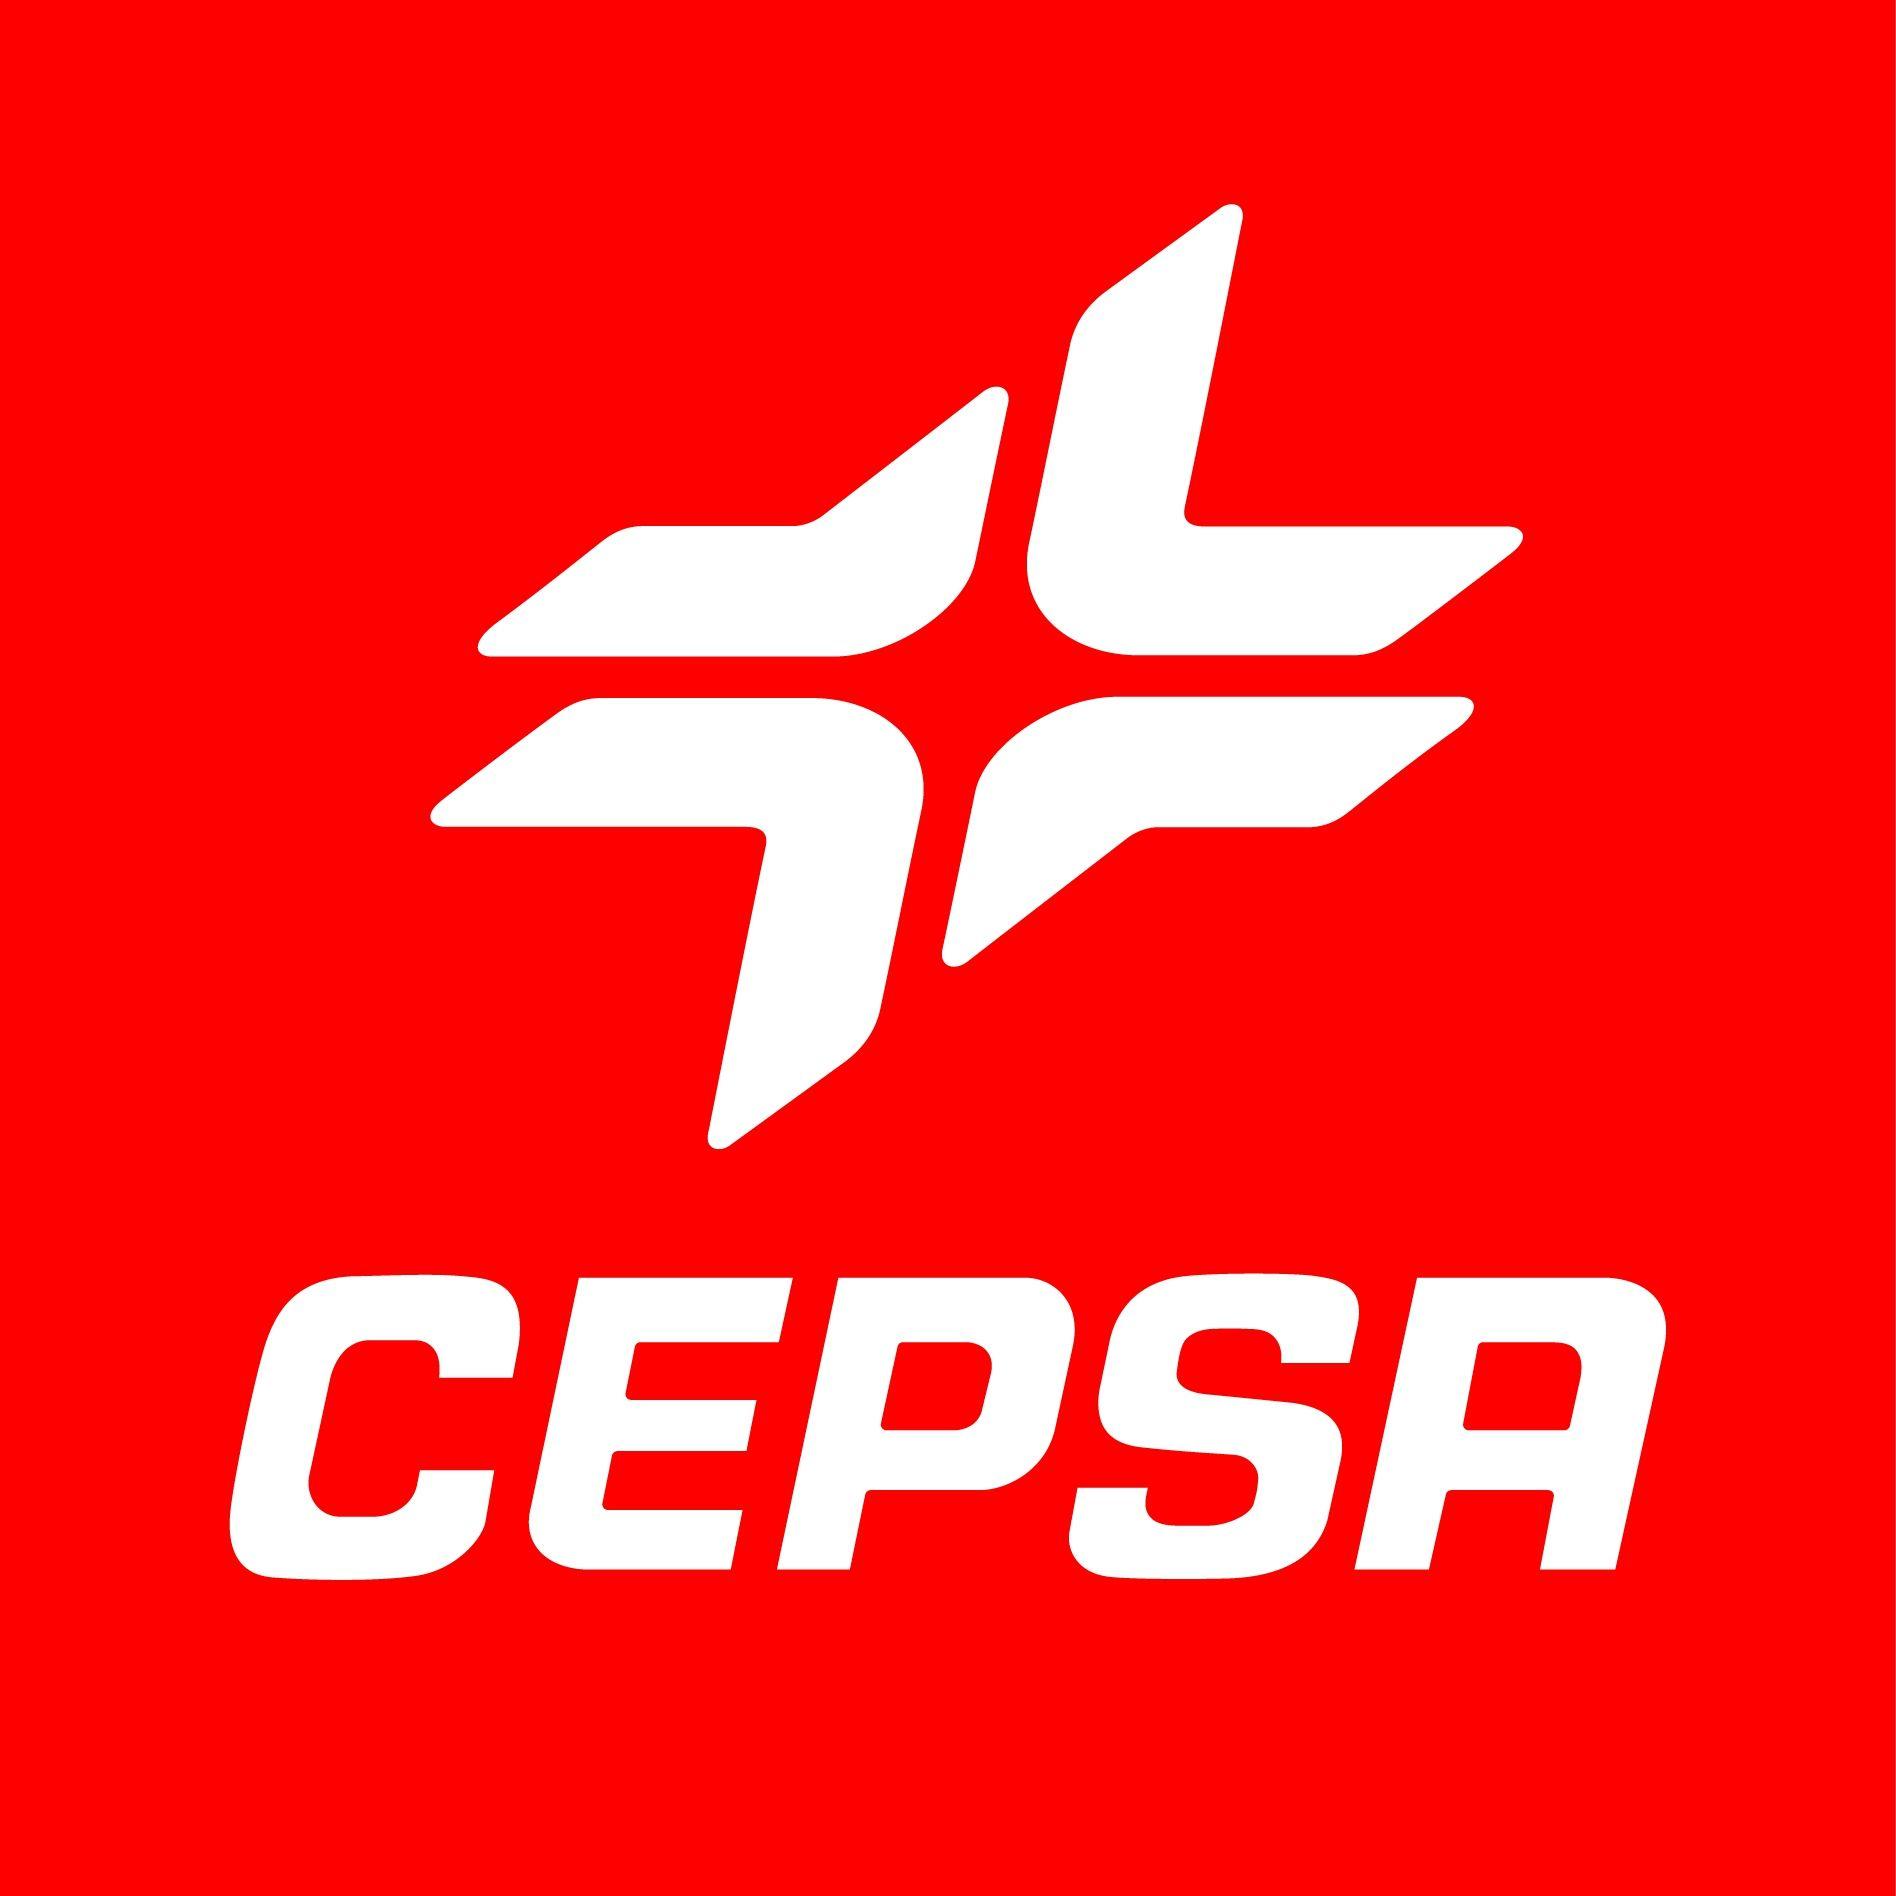 Descuento de 0.06 cts. de € por litro en CEPSA